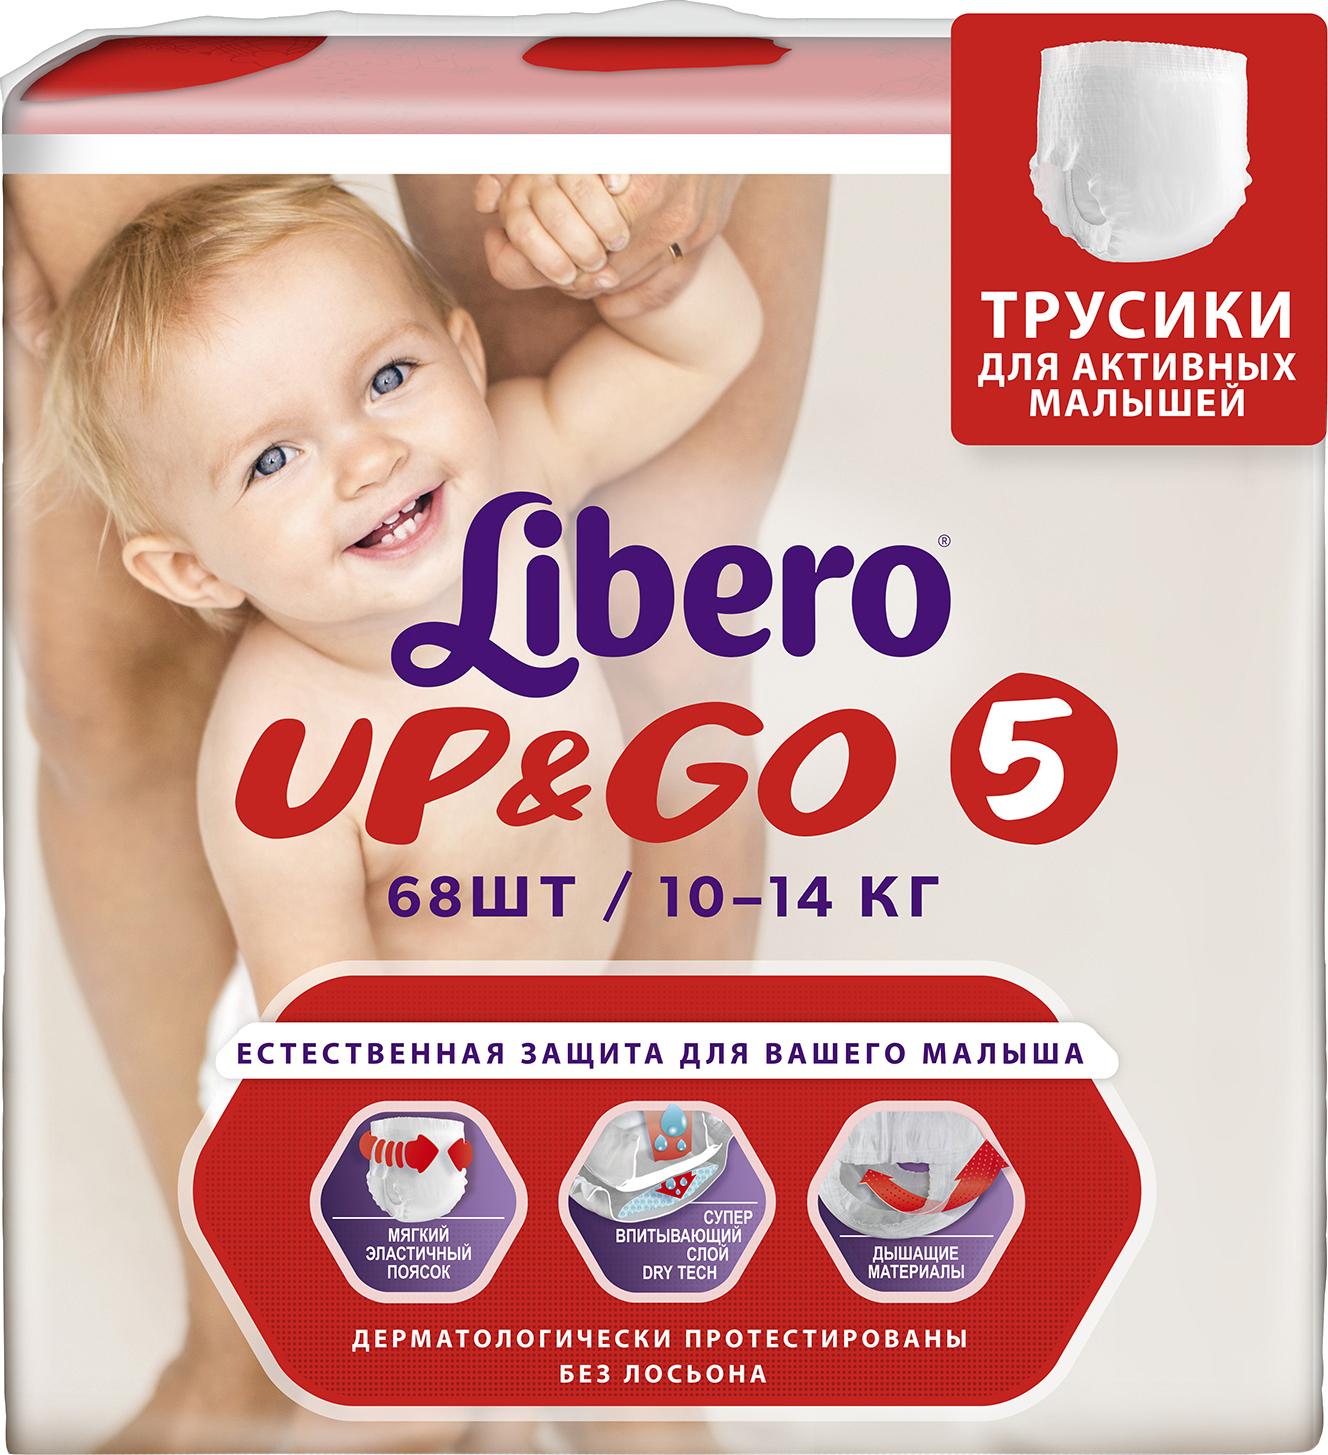 Подгузники-трусики Libero Трусики-подгузники Libero Up&Go гига макси плюс (10-14 кг) 68 шт. libero подгузники трусики up